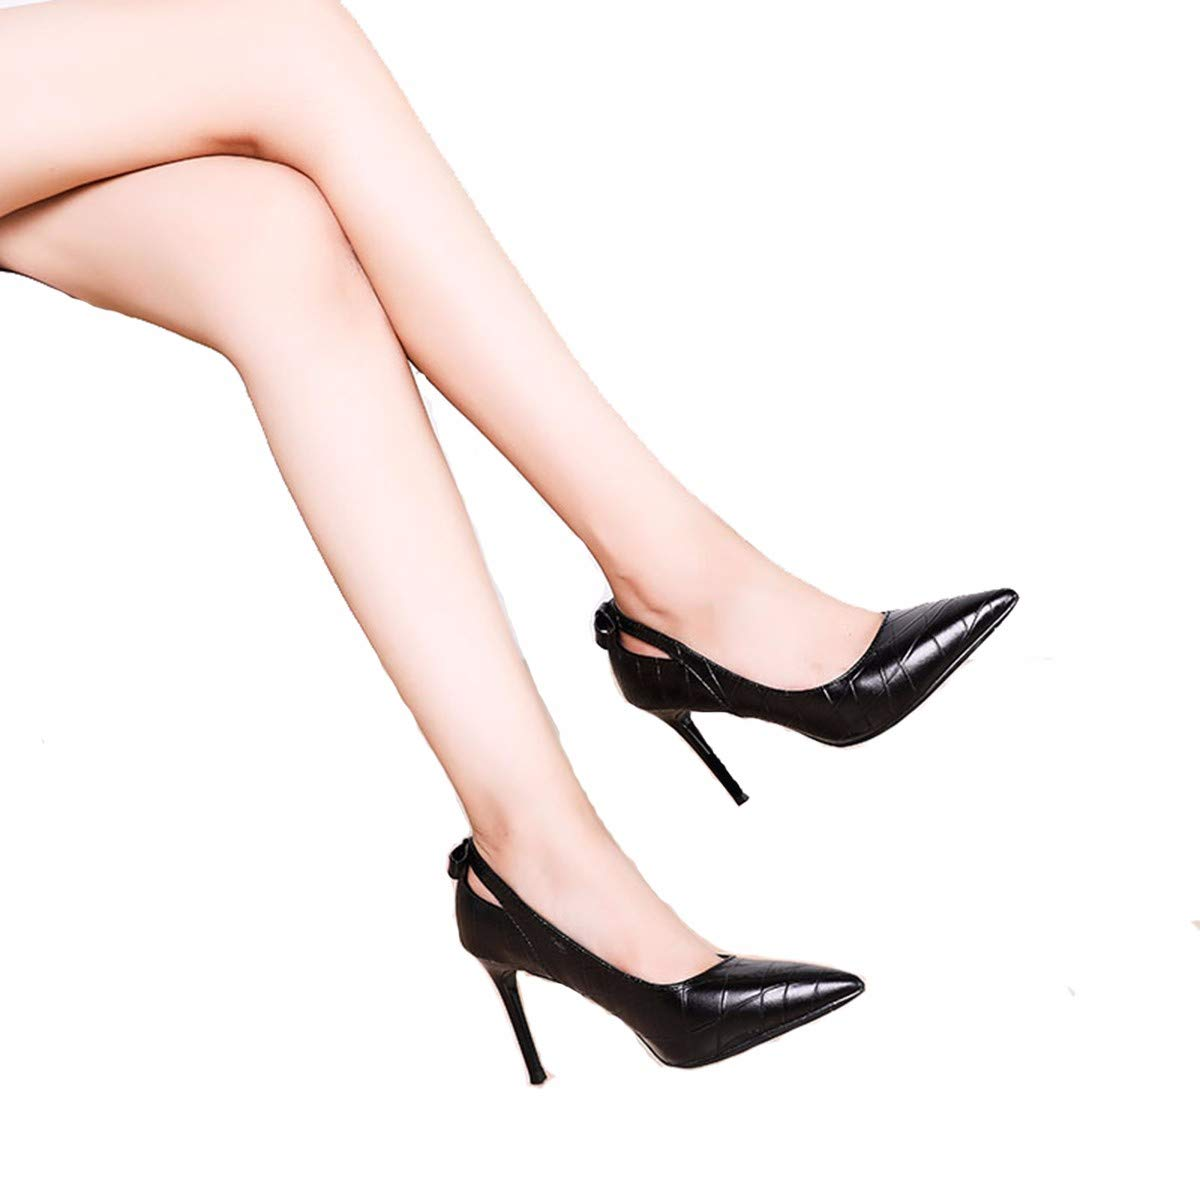 GTVERNH Damenschuhe Damenschuhe Damenschuhe Mode Spitz und Dünne Leder High - Heel 9Cm Einzelnen Schuh Eleganten Füßen Weiße Schuhe mit Flachen Weißen. 00ffb8